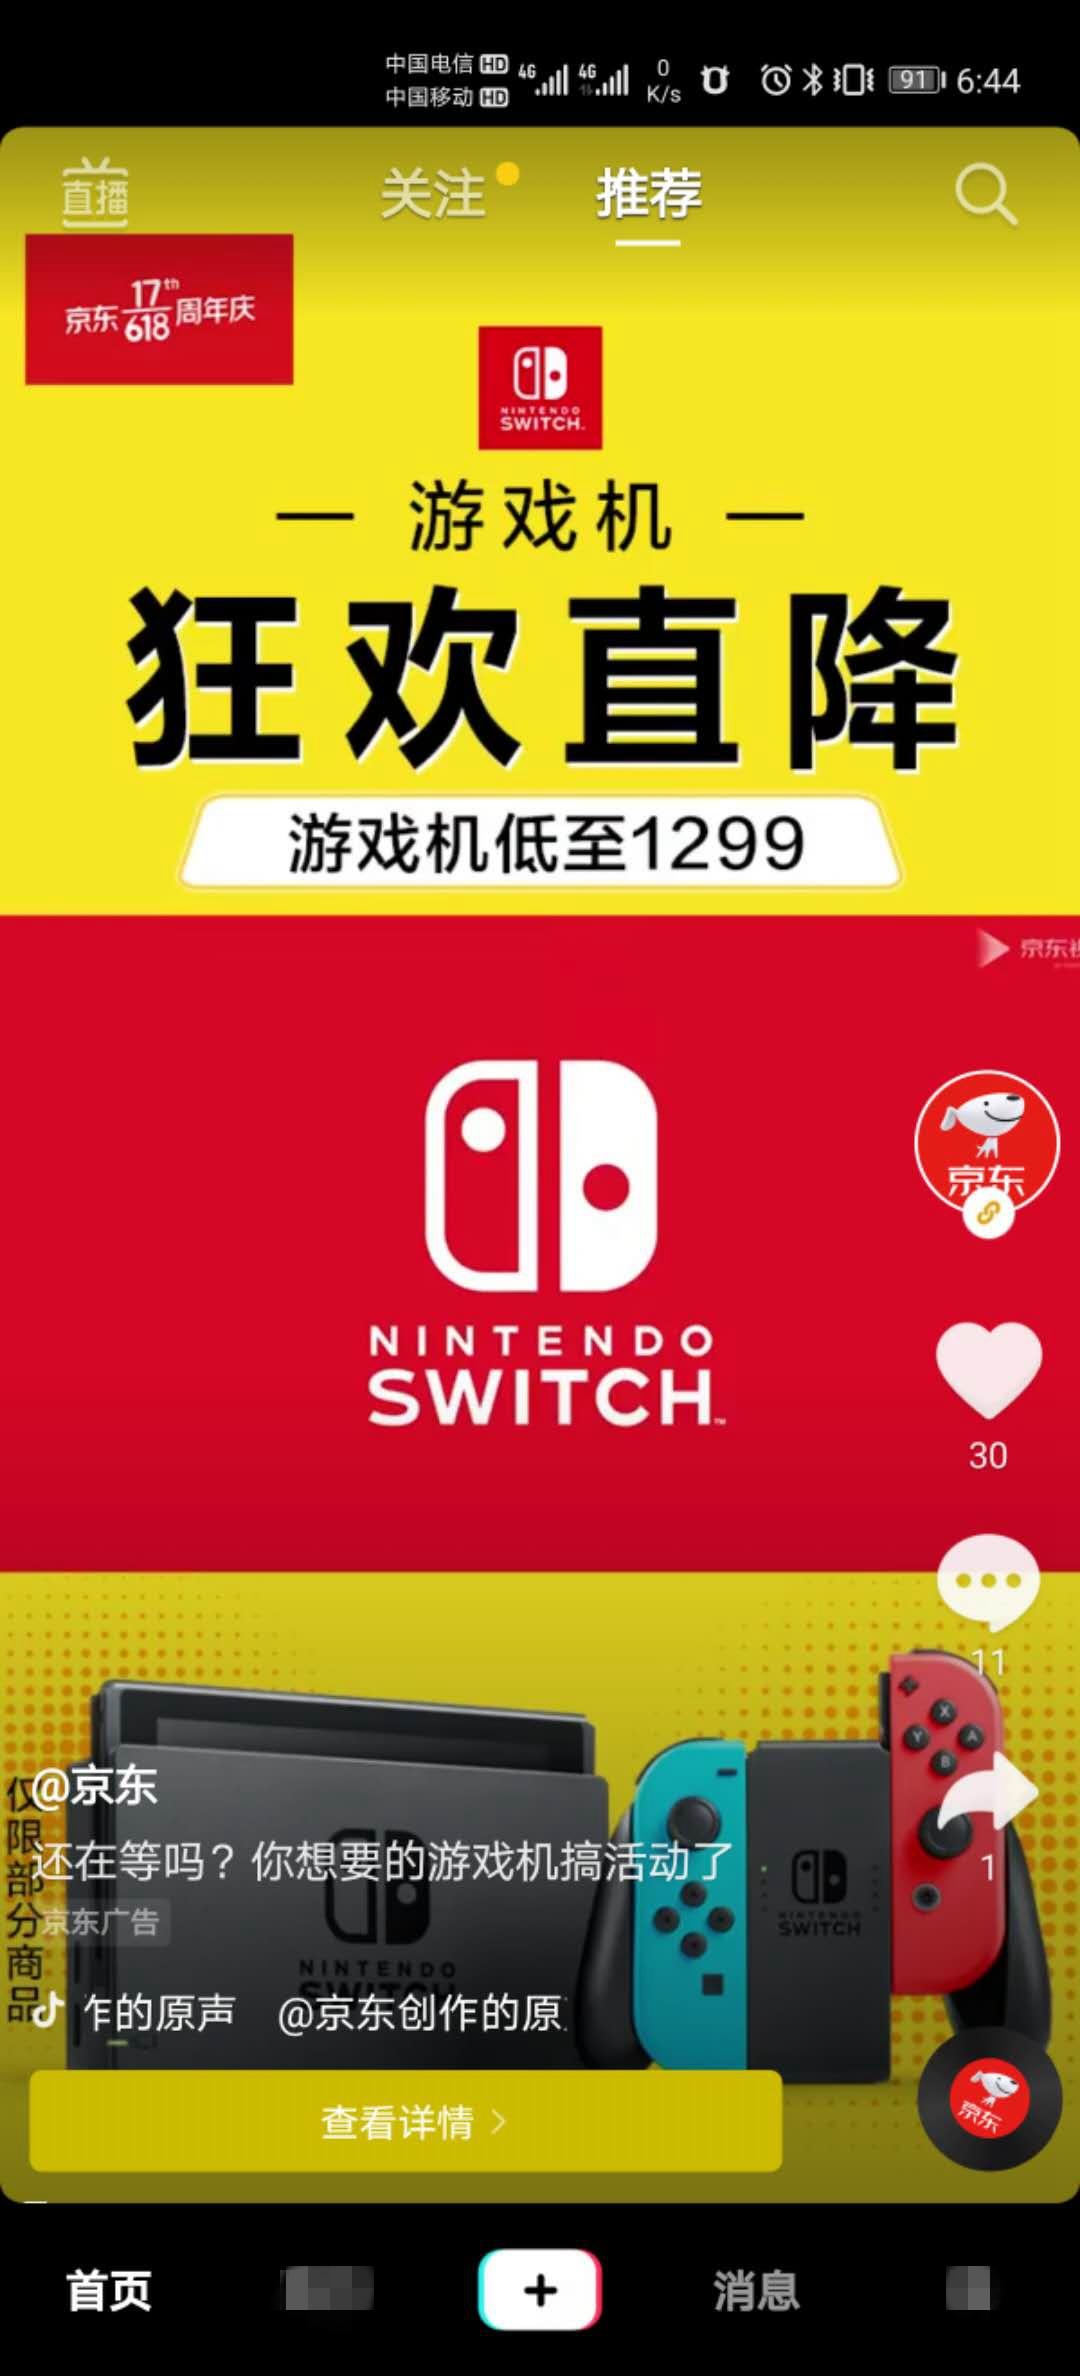 京东官方抖音显示:明日618国行Switch低至1299元